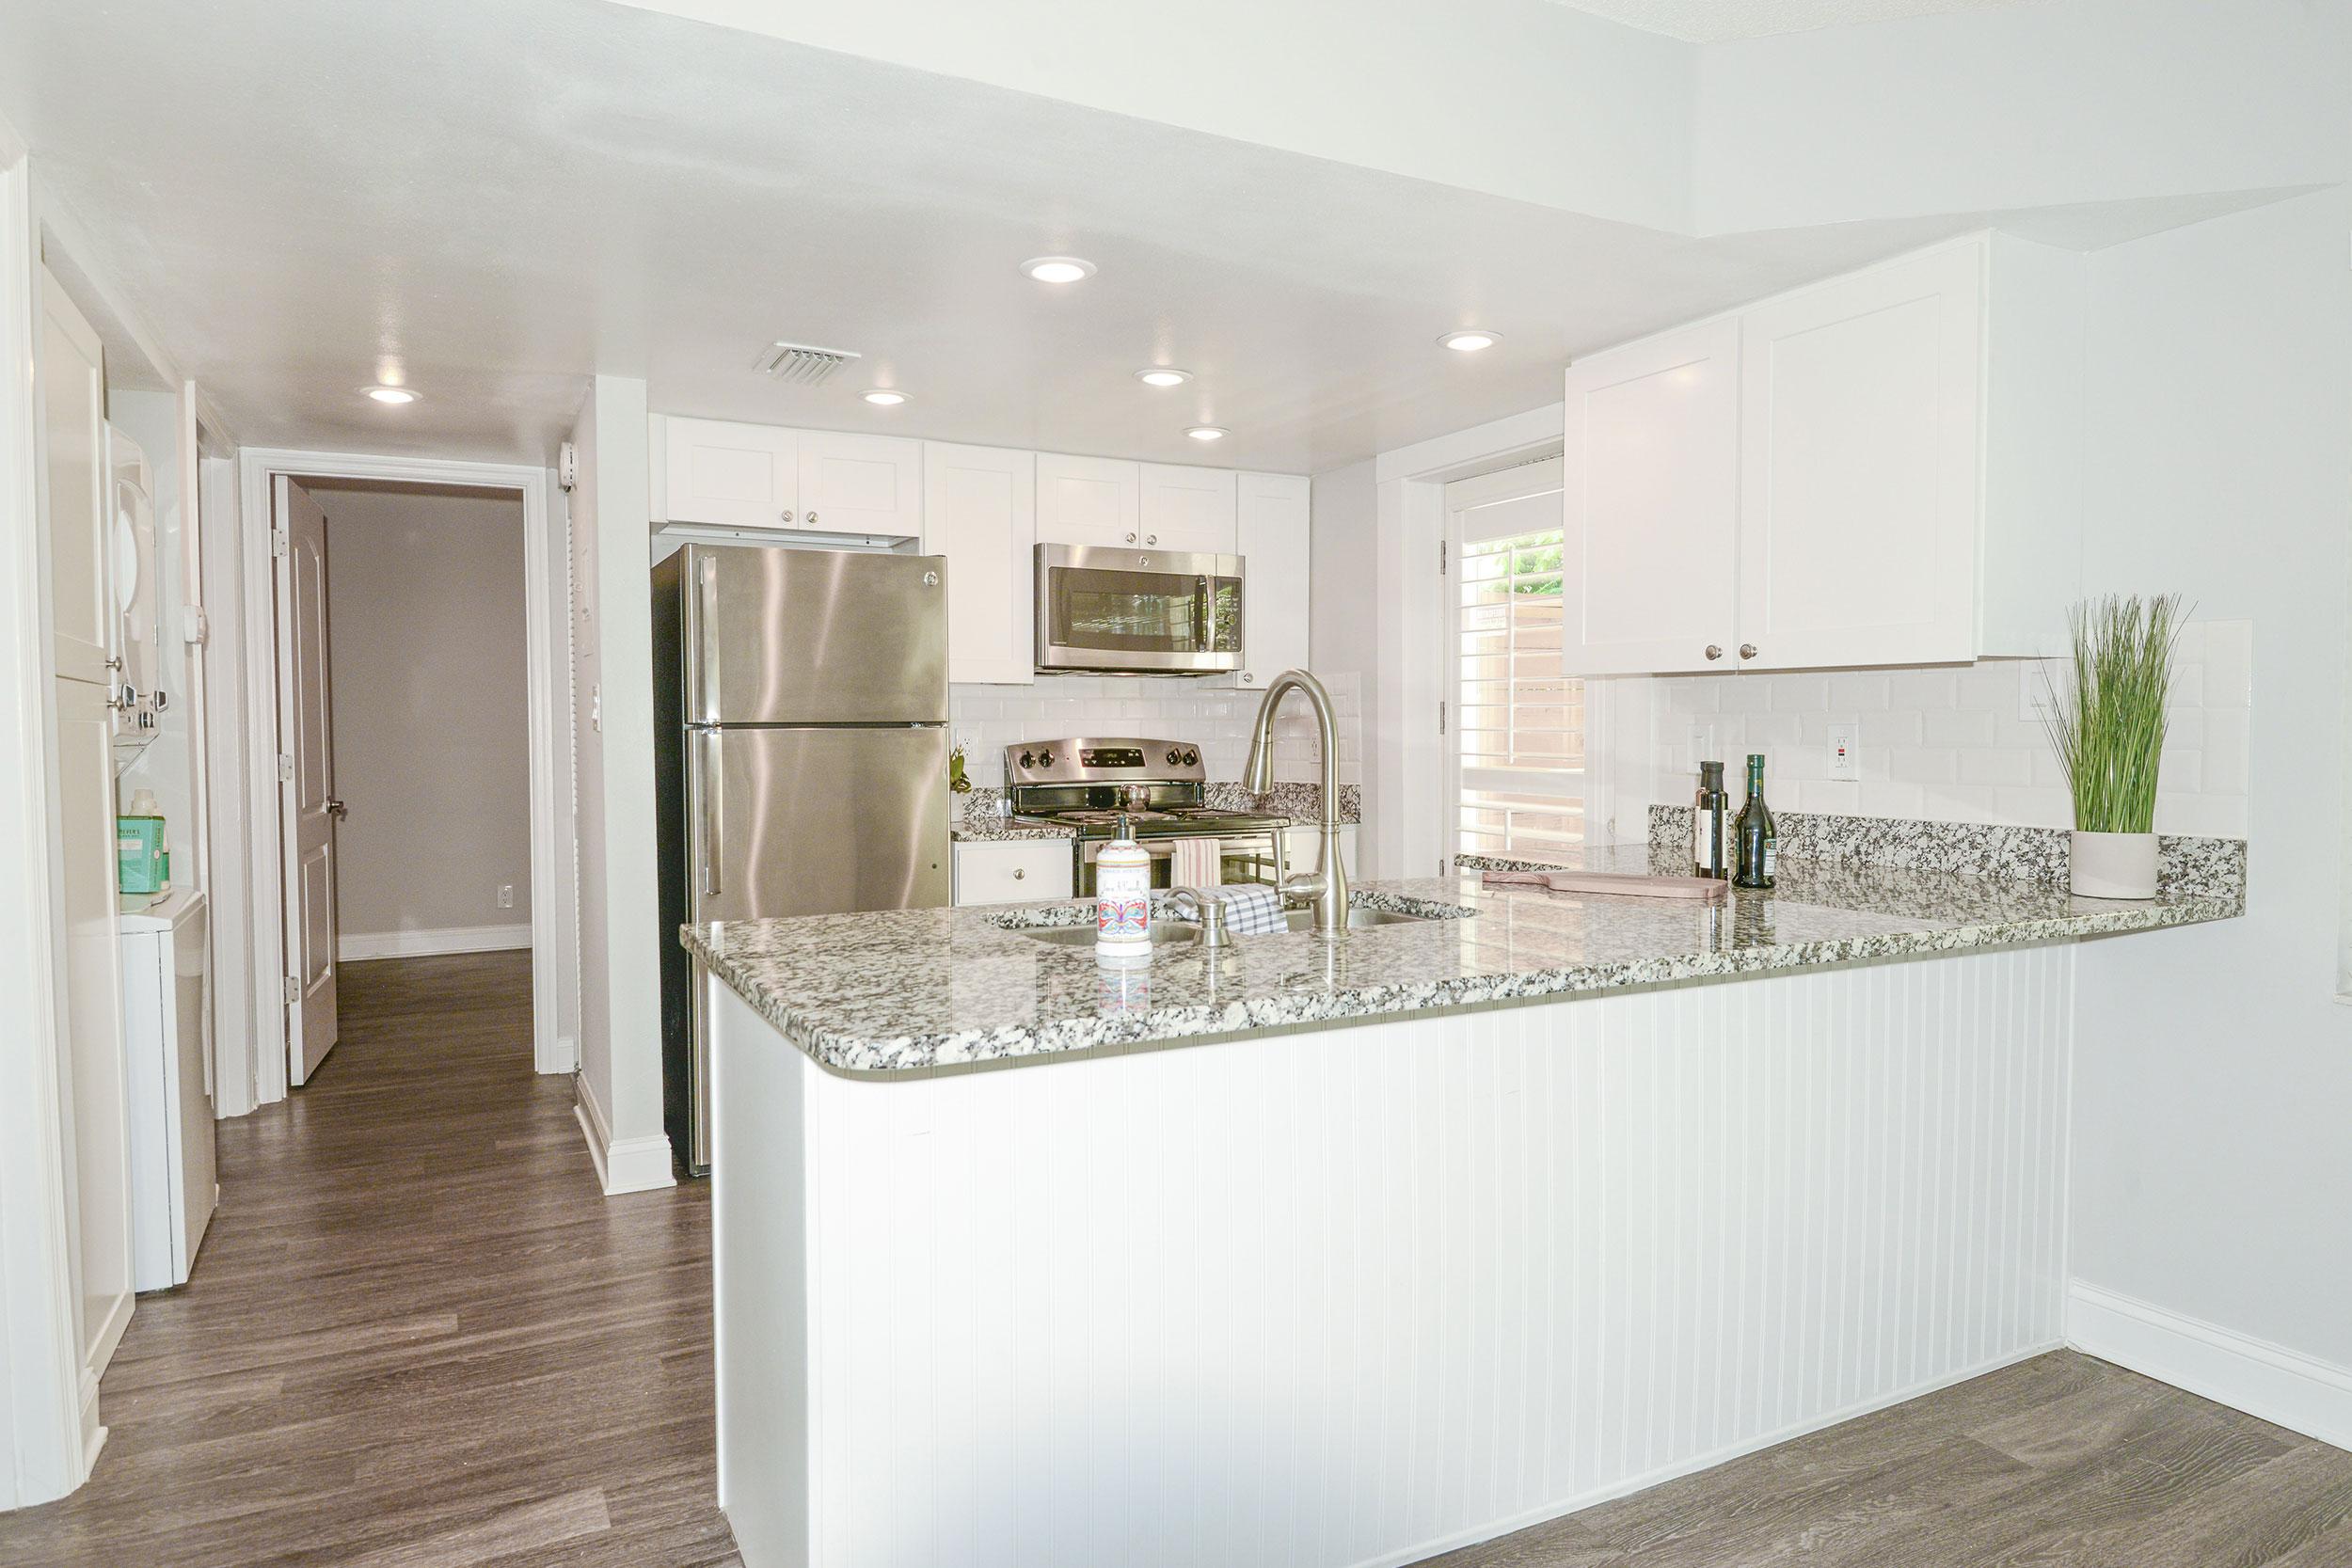 Brf-kitchen